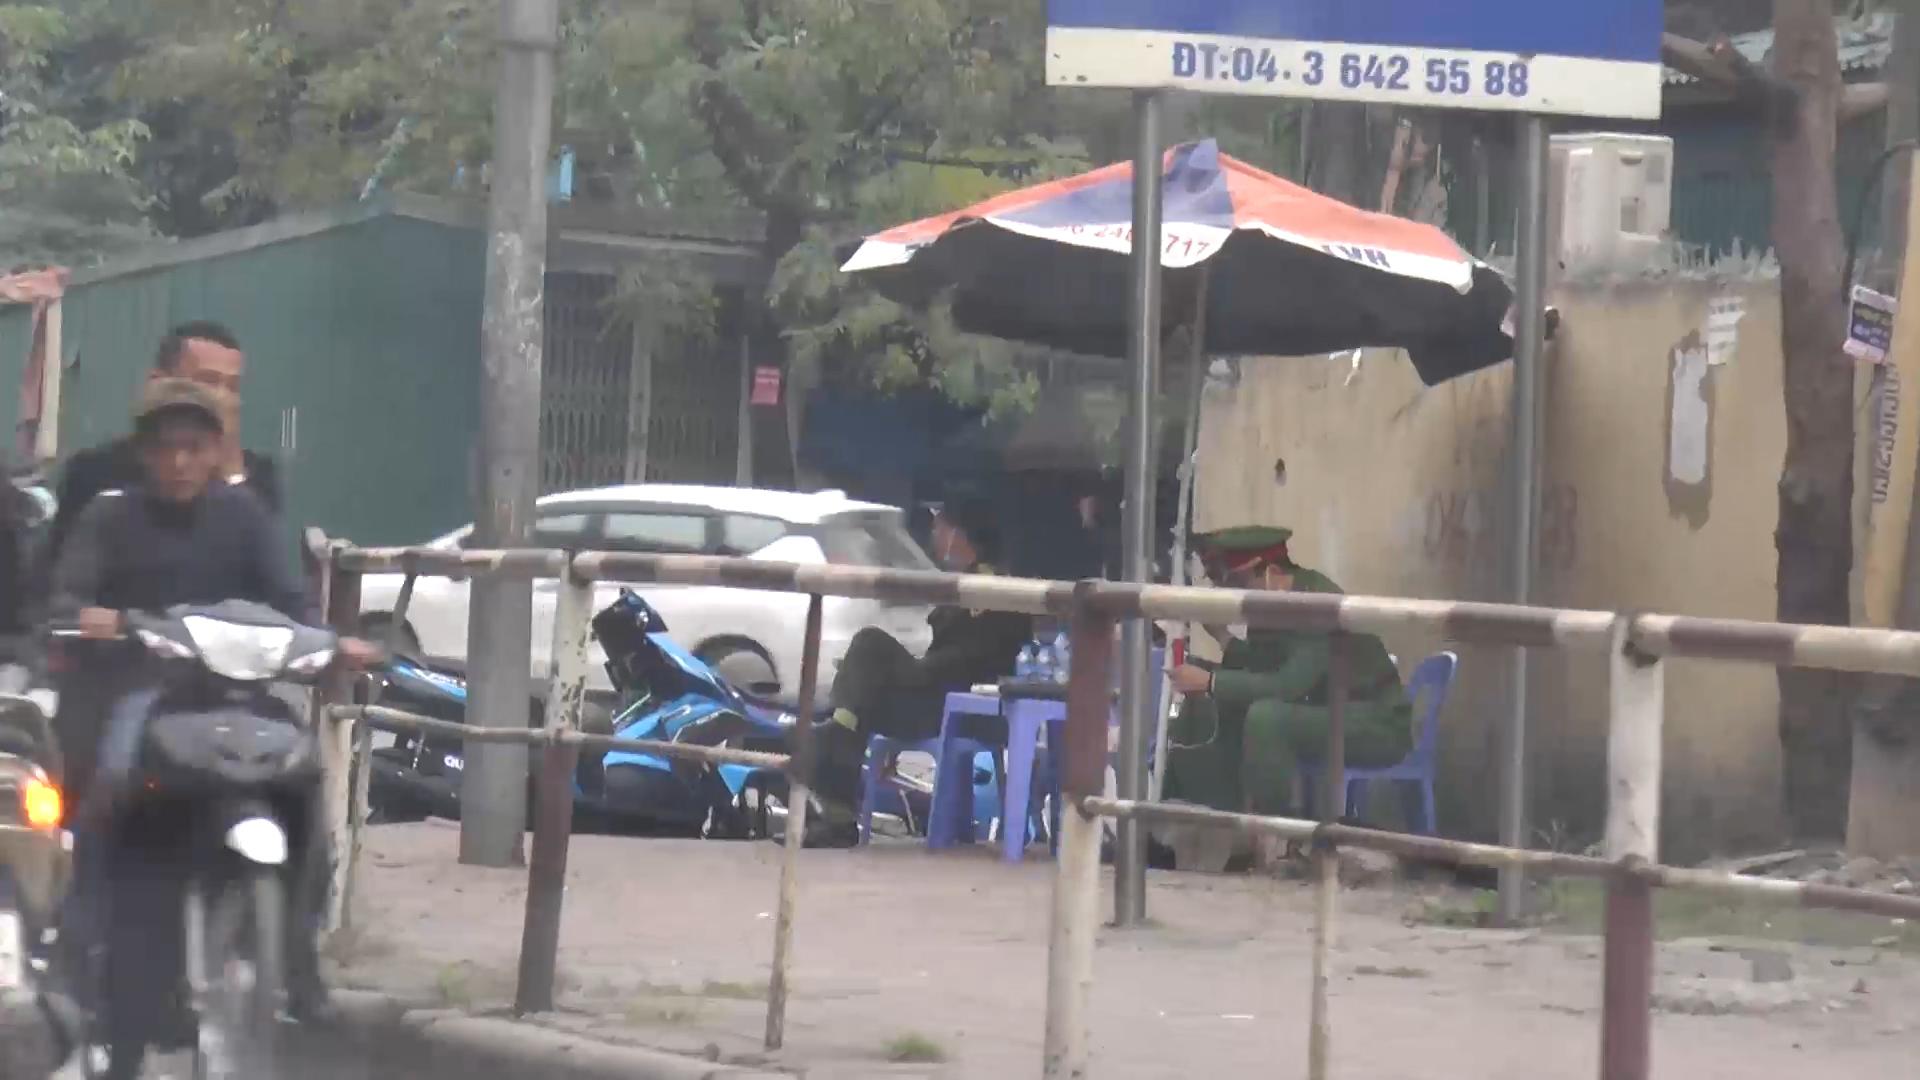 Mặc công an lập chốt, nhà xe vẫn 'vợt' khách dọc đường